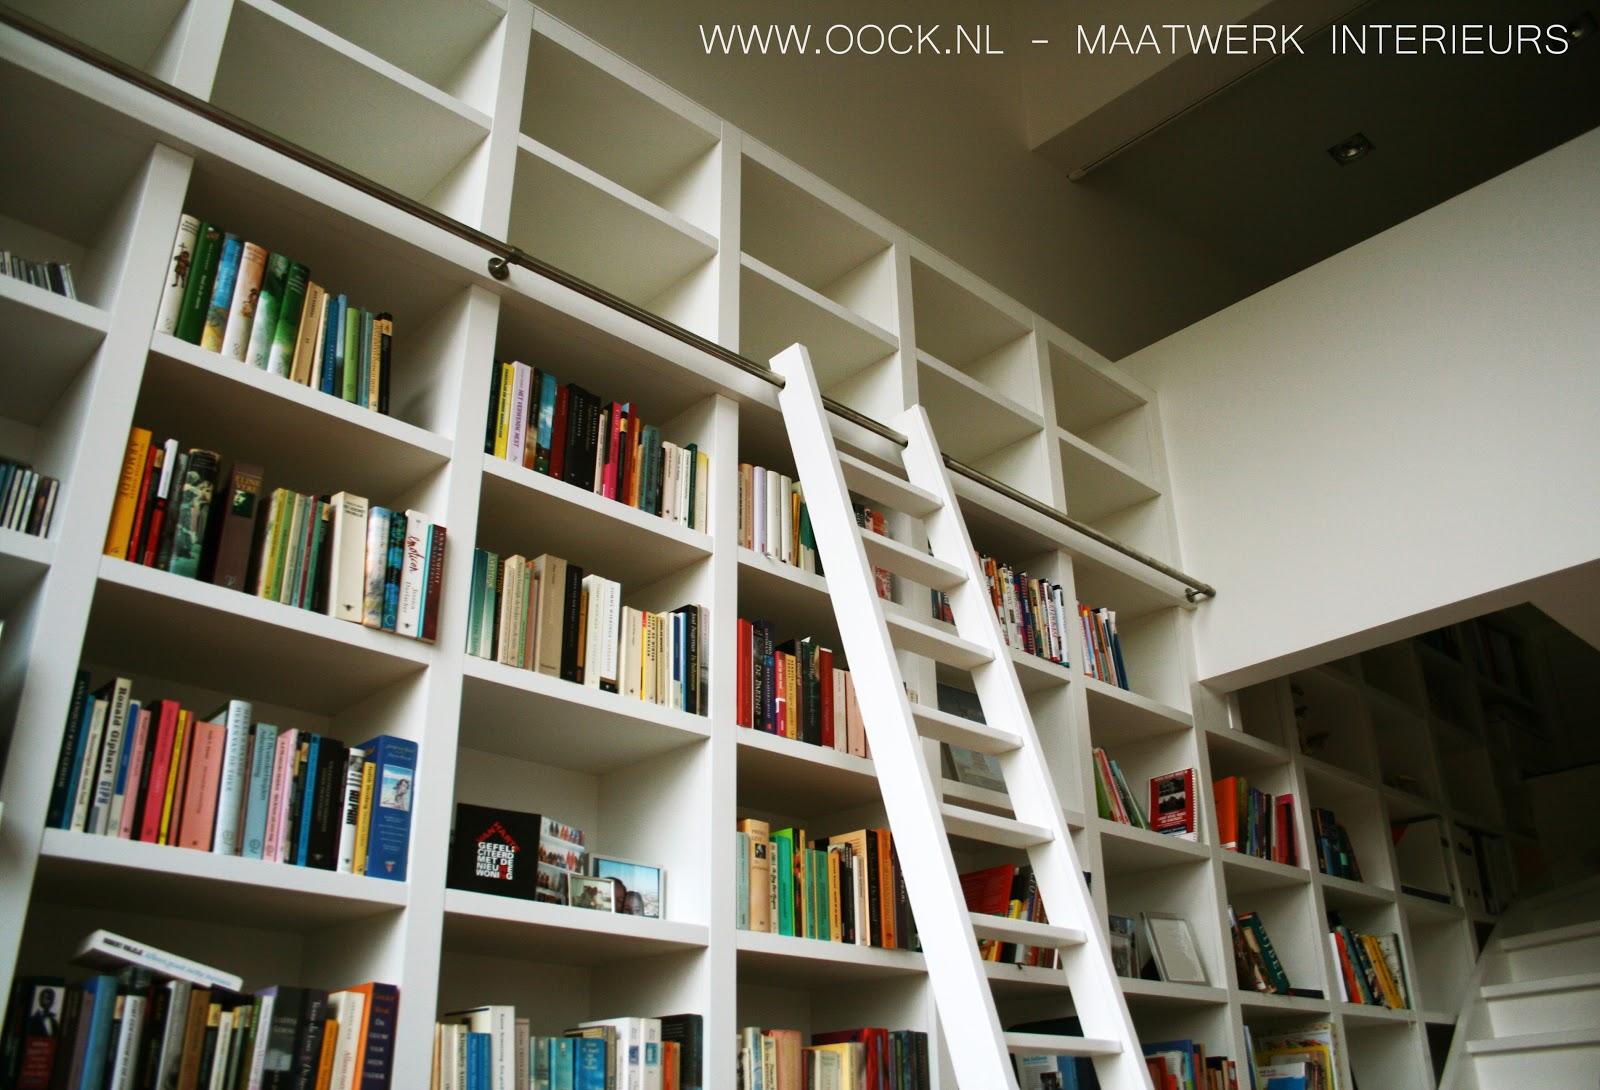 Interieurbouw moderne houten boekenkasten - Eigentijdse boekenkast ...